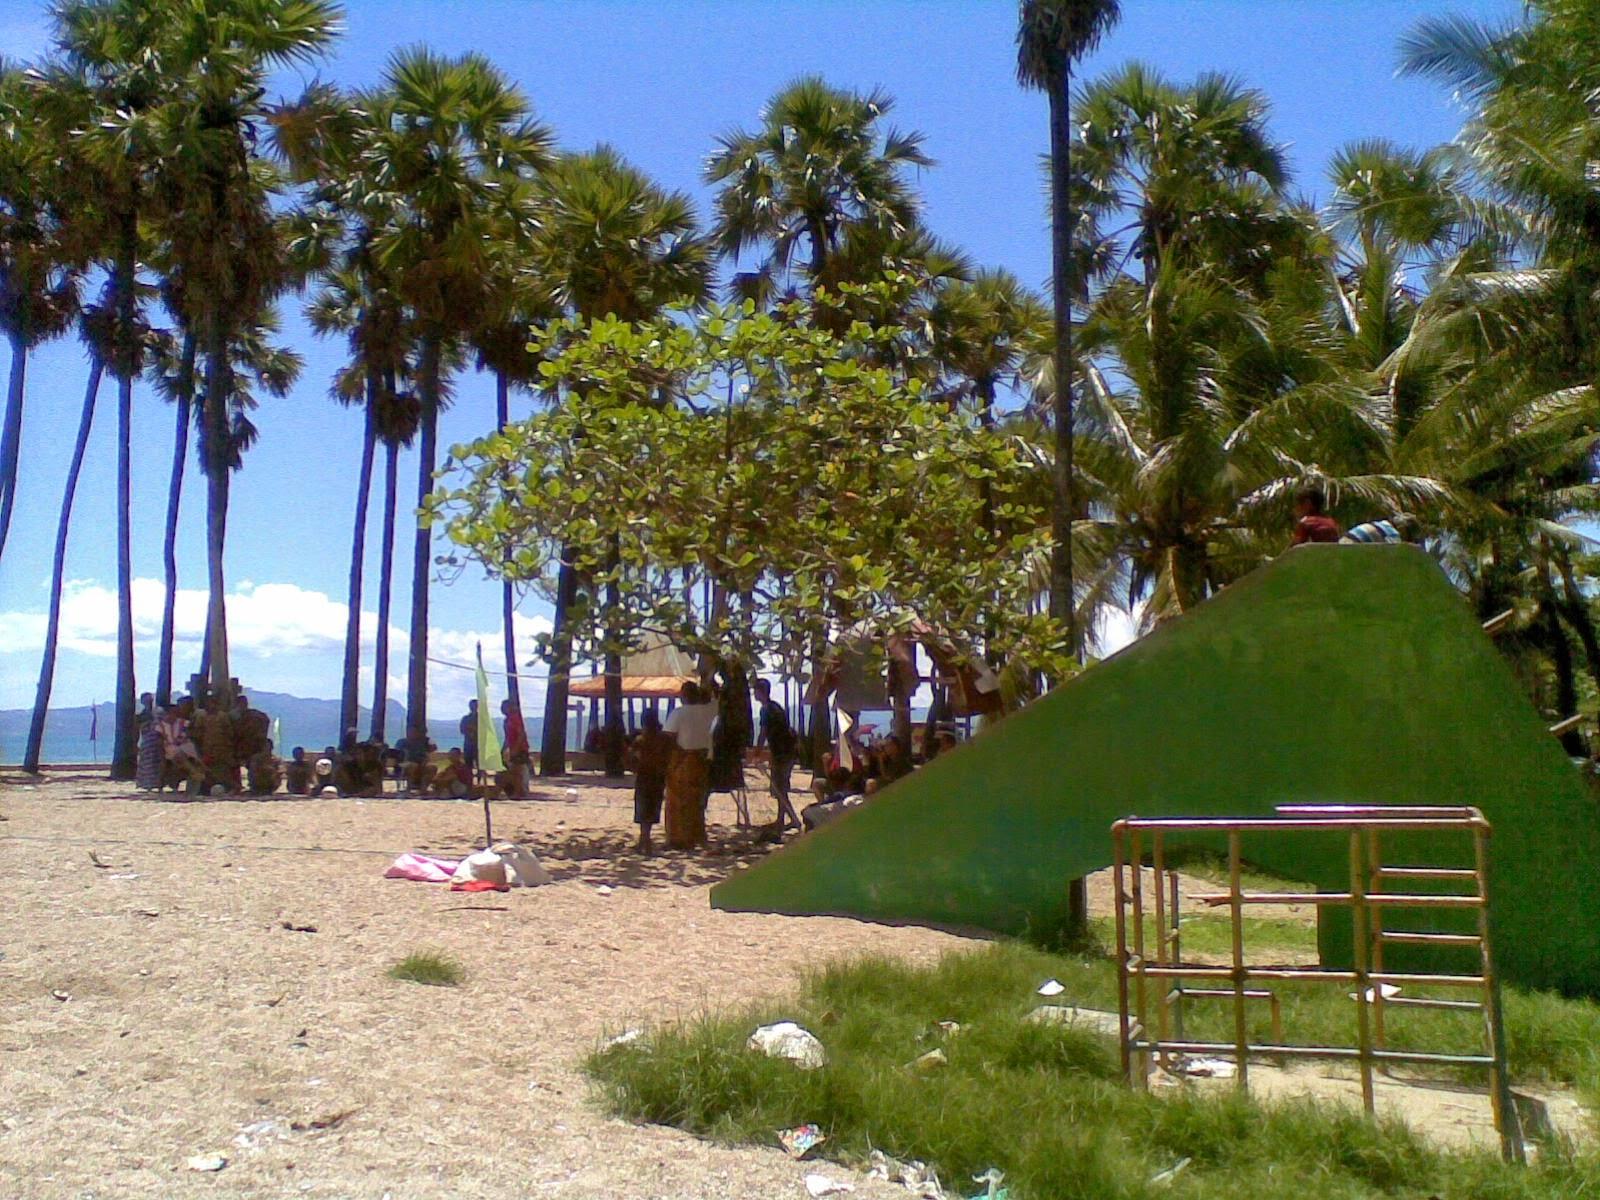 Desi Tualaka Pantai Terletak Lasiana Kecamatan Kupang Tengah Kota Ntt